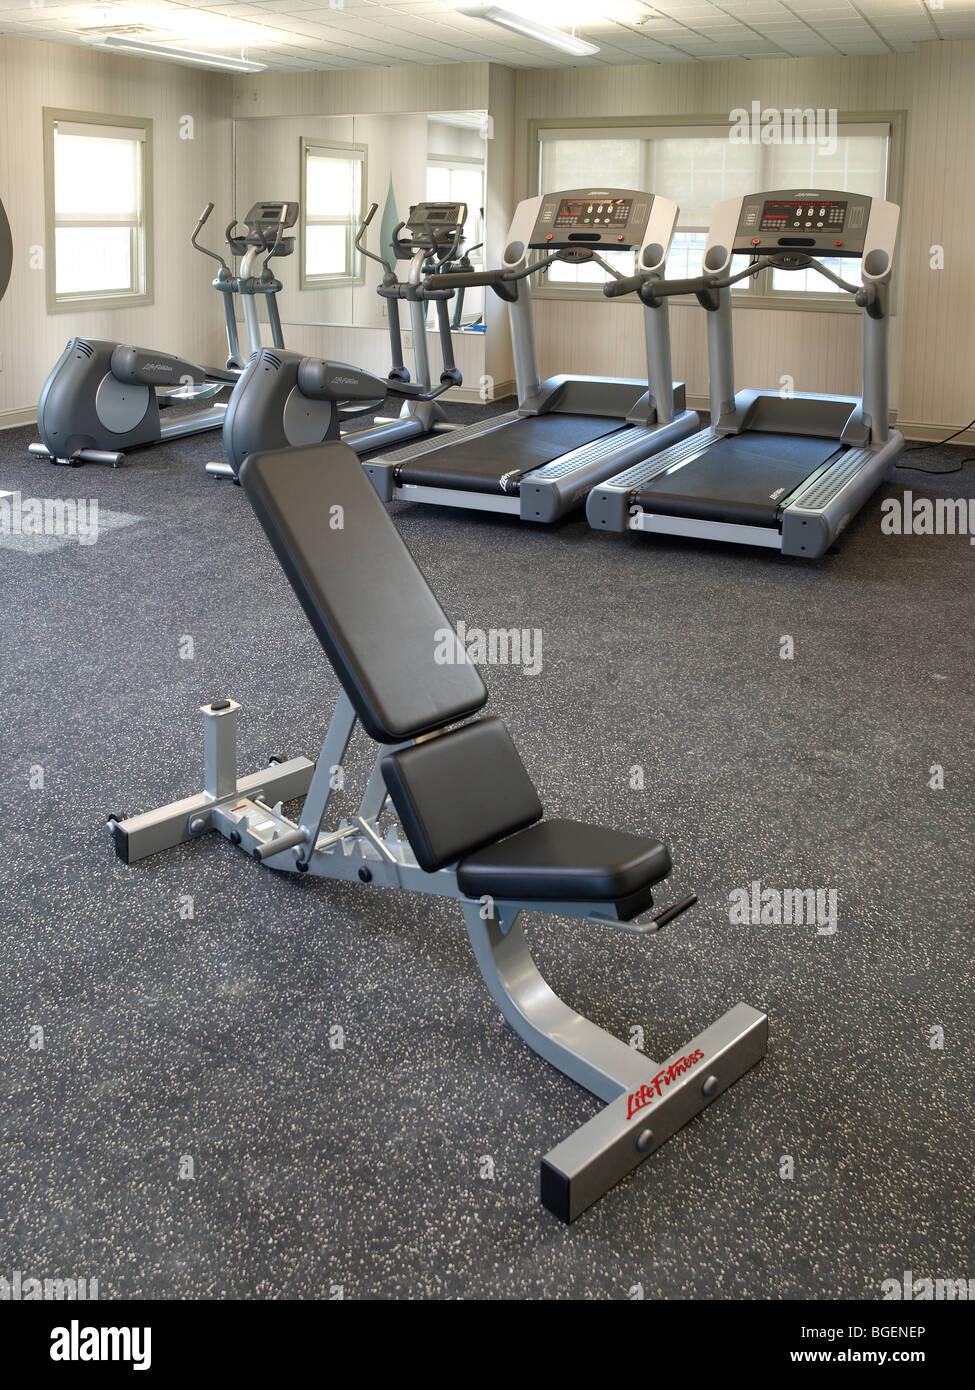 Banqueta de levantamiento de pesas en el gimnasio con equipos para ejercicio, Filadelfia, EE.UU. Imagen De Stock